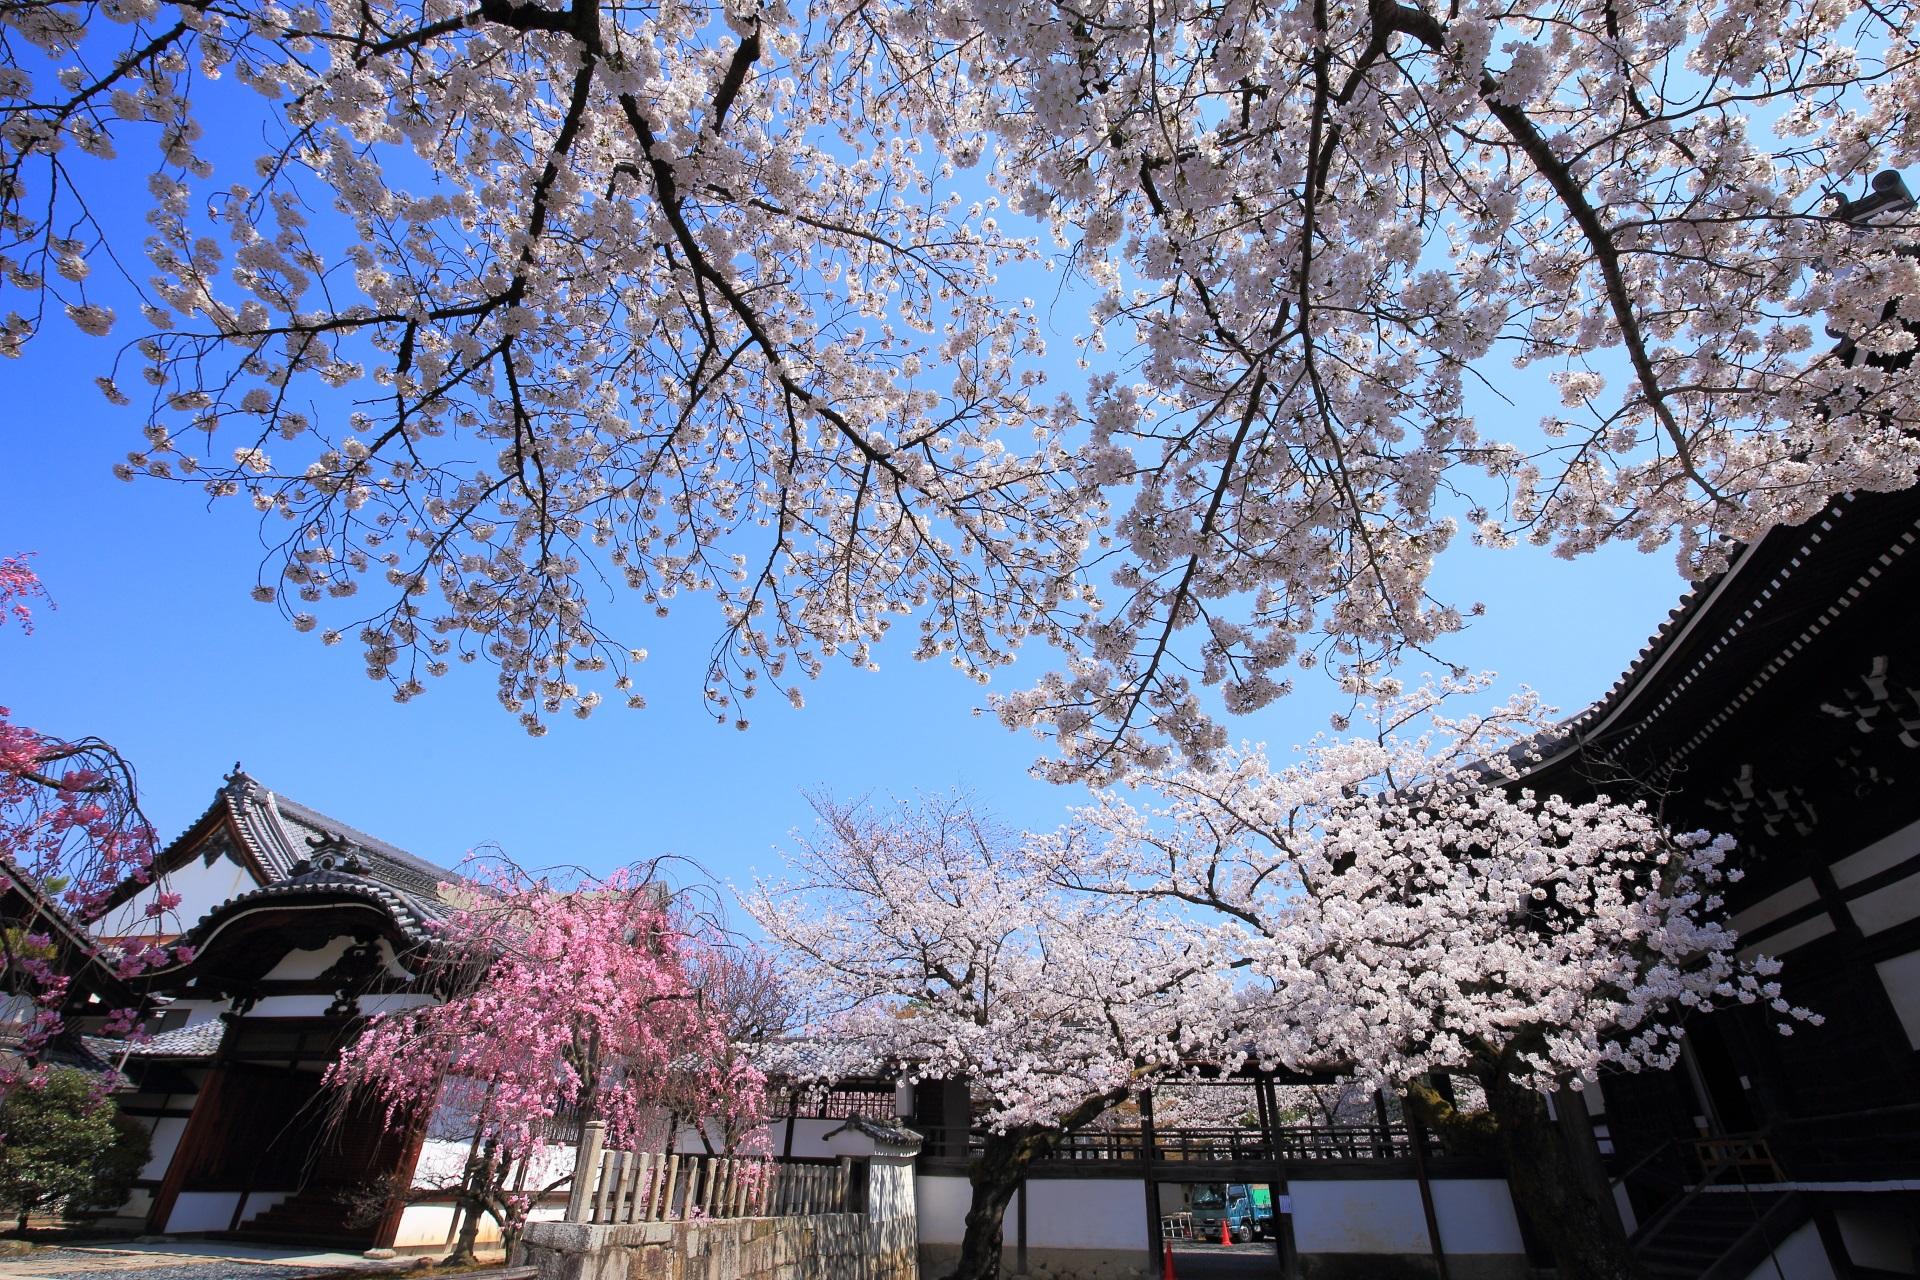 妙顕寺の大本堂と大玄関の間の桜